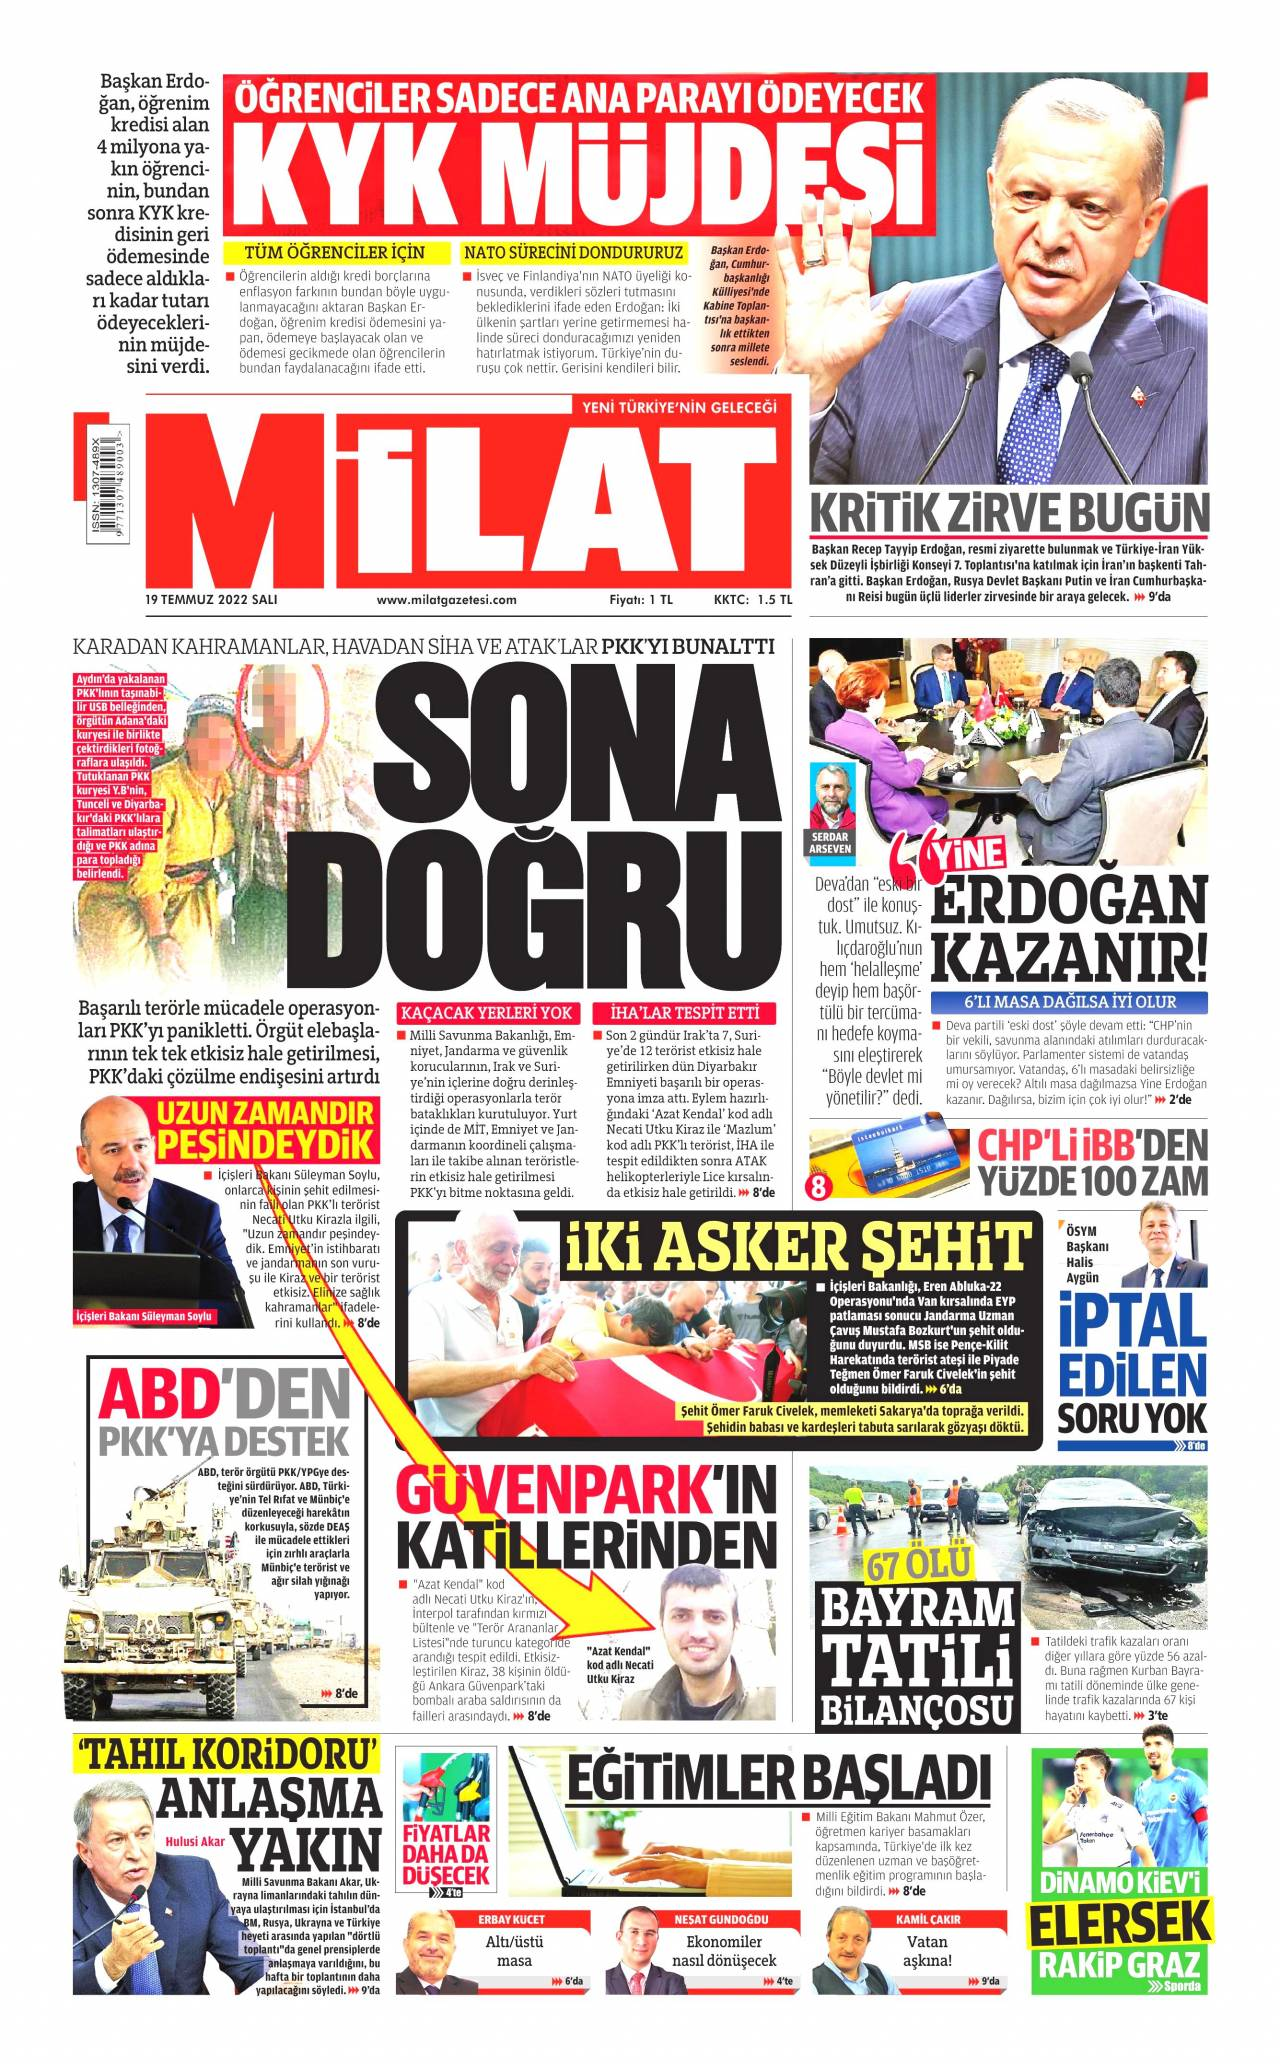 28.04.2017 tarihli Milat gazetesinin 1. sayfası